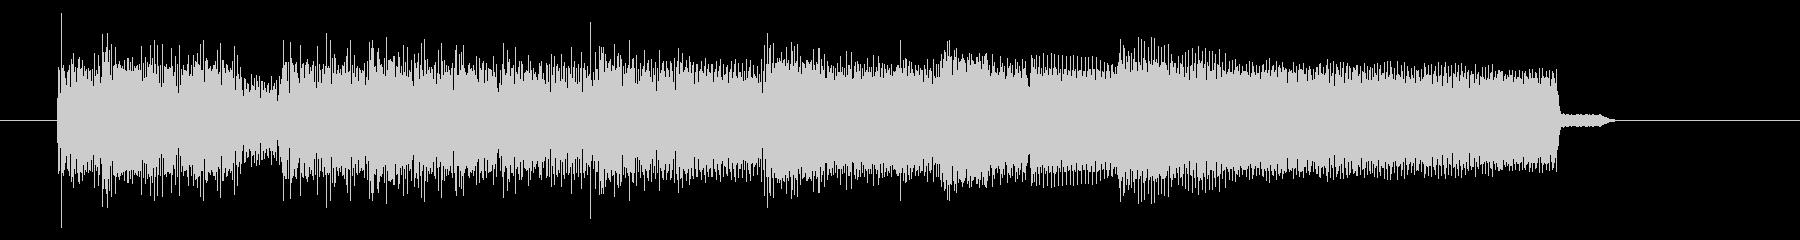 NES アクションC10-4(クリア2)の未再生の波形